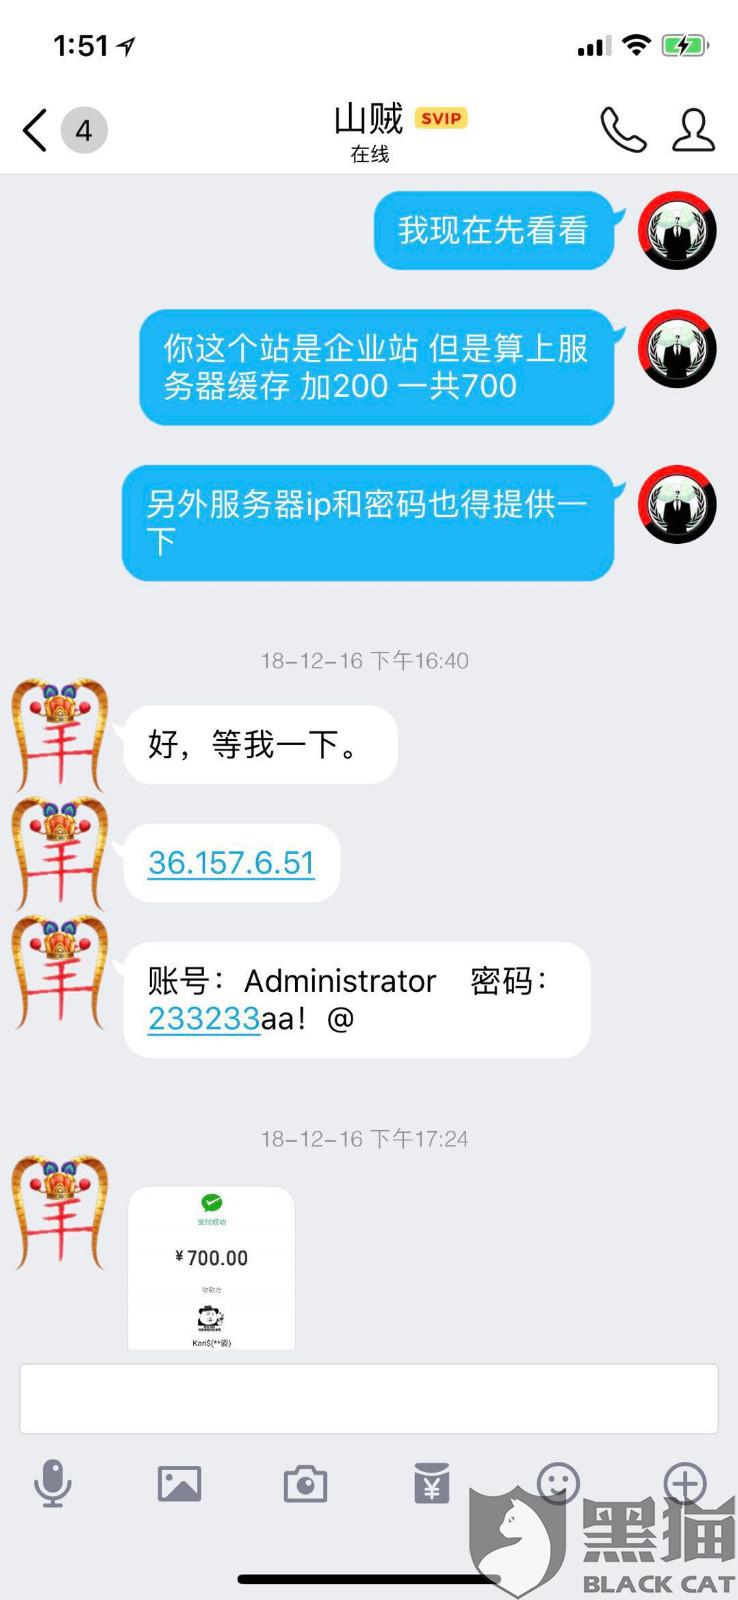 黑猫投诉:微信冻结限制了我的十万人民币